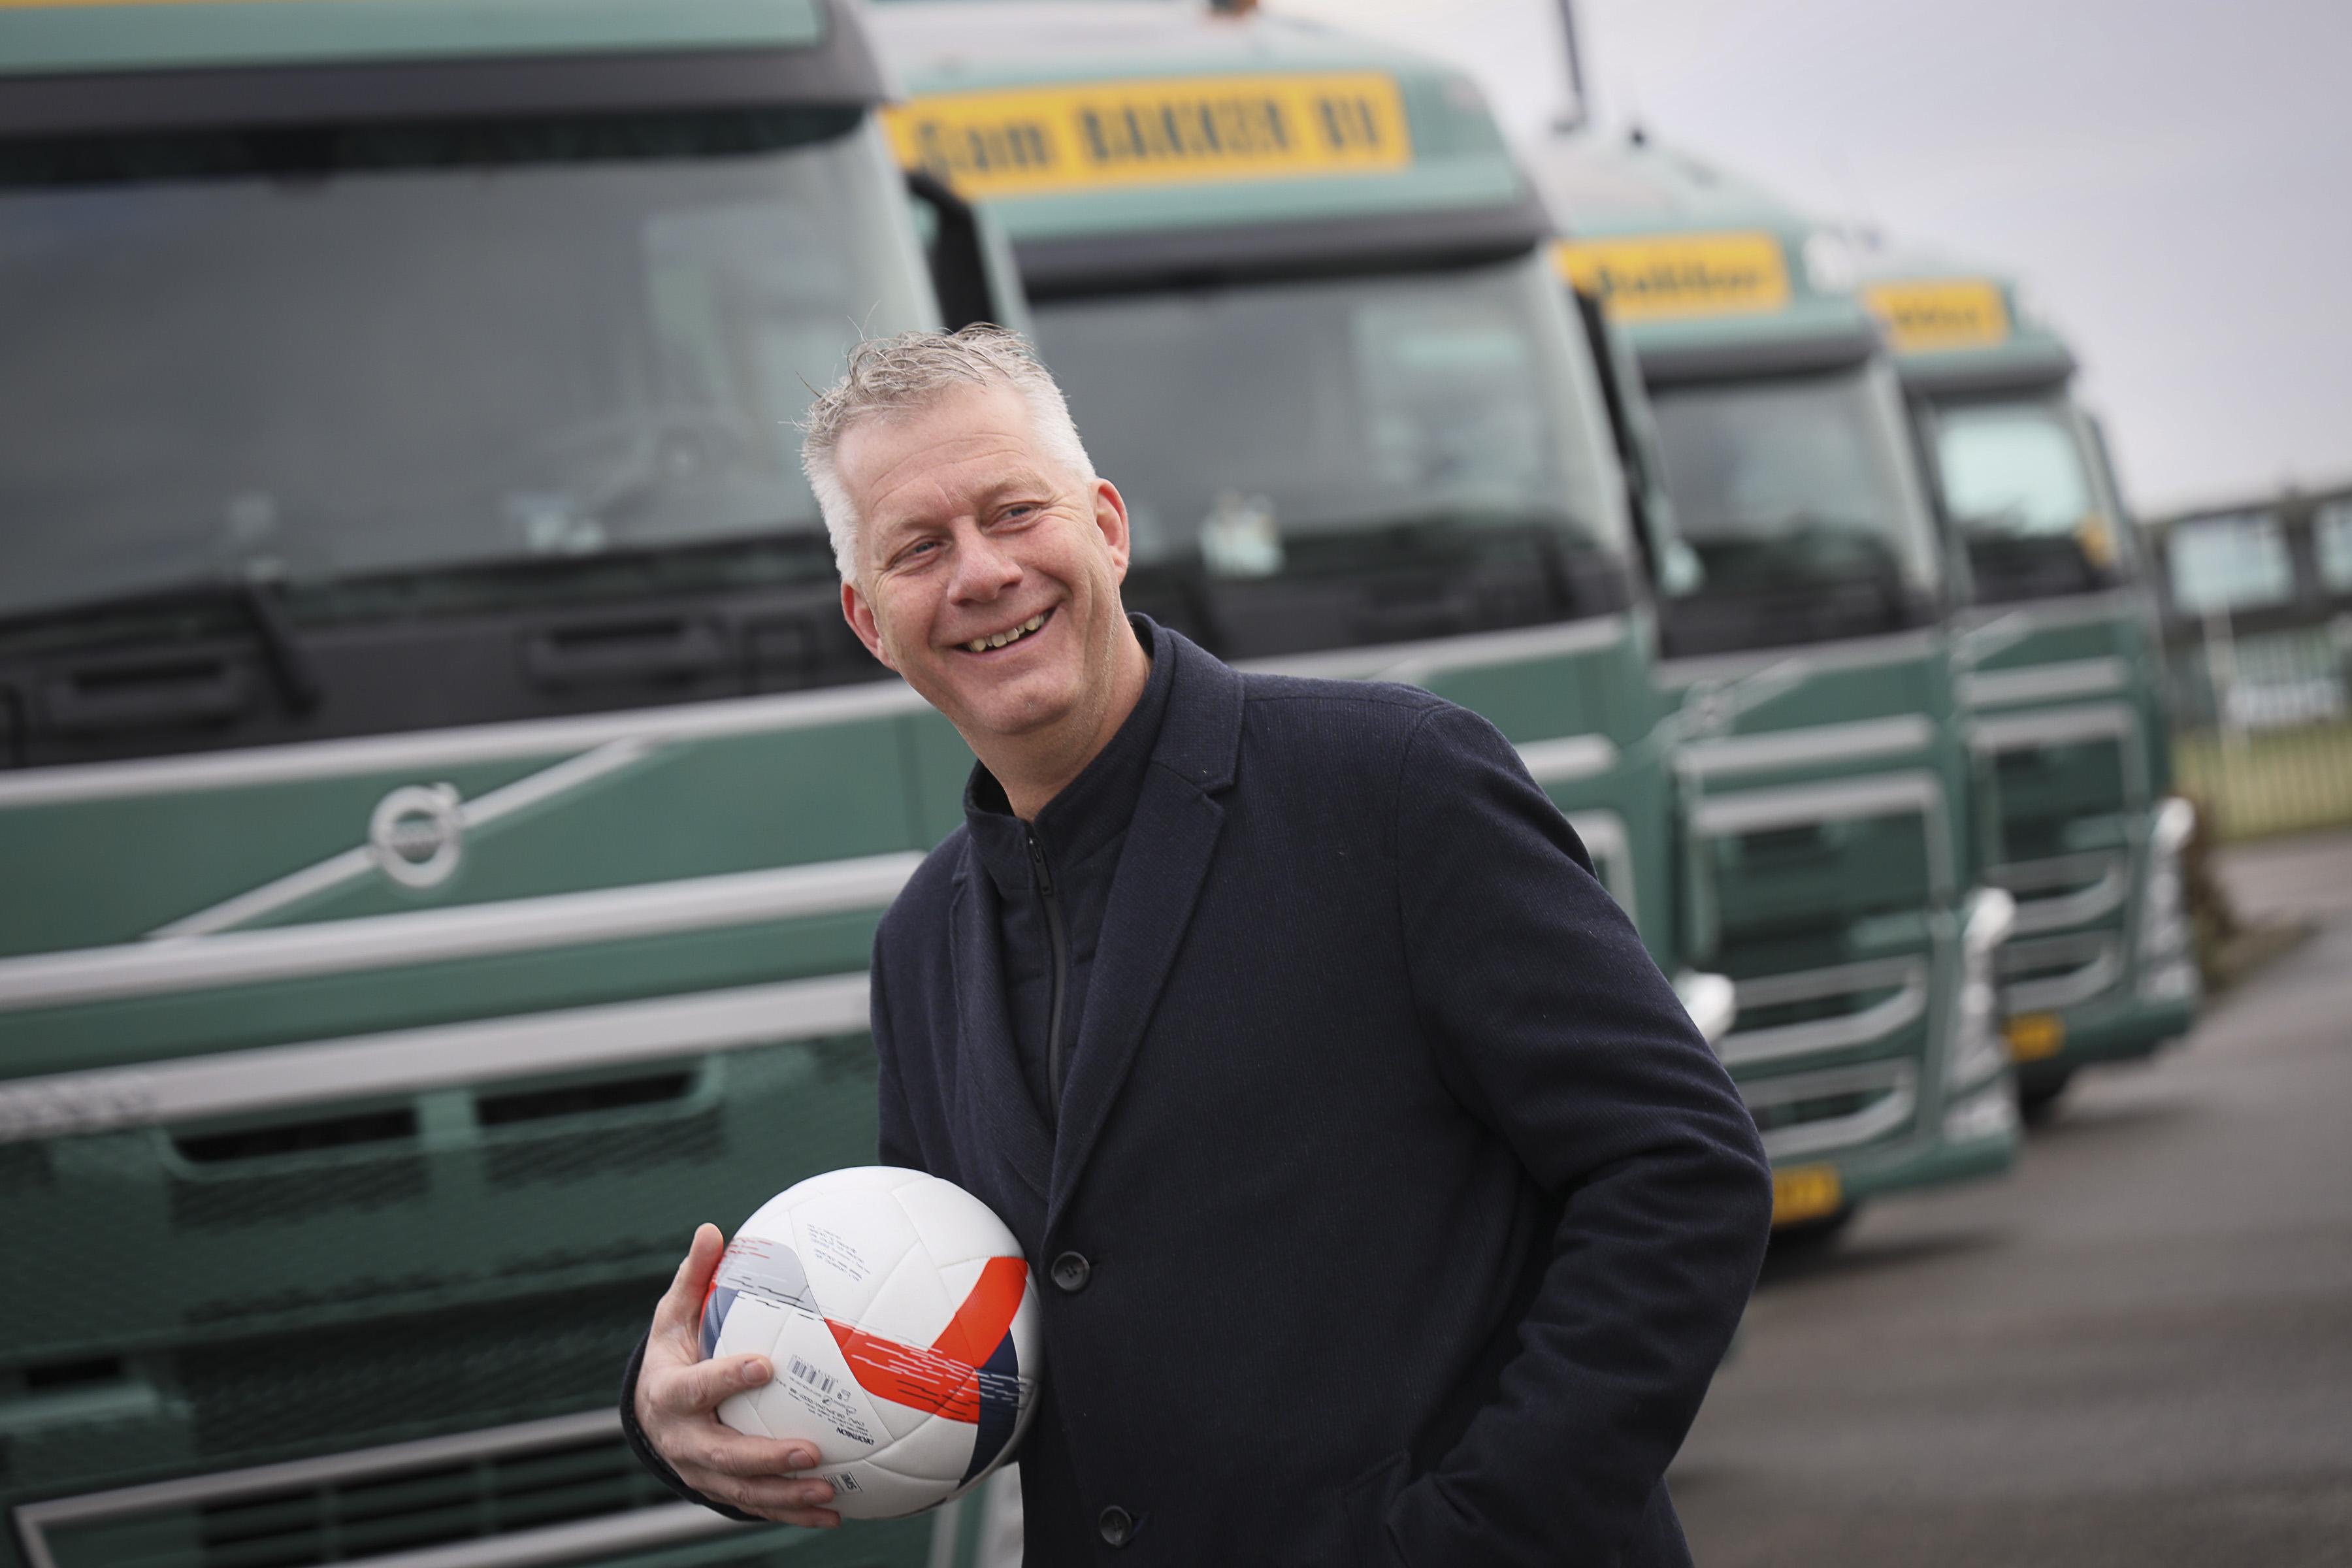 Hij ging van West-Frisia naar FC Volendam en stond opeens tegenover Romario en Kieft. 'PSV speelde met vijf spitsen, maar we lachten ze gewoon uit', zegt Eric Steltenpool [video]